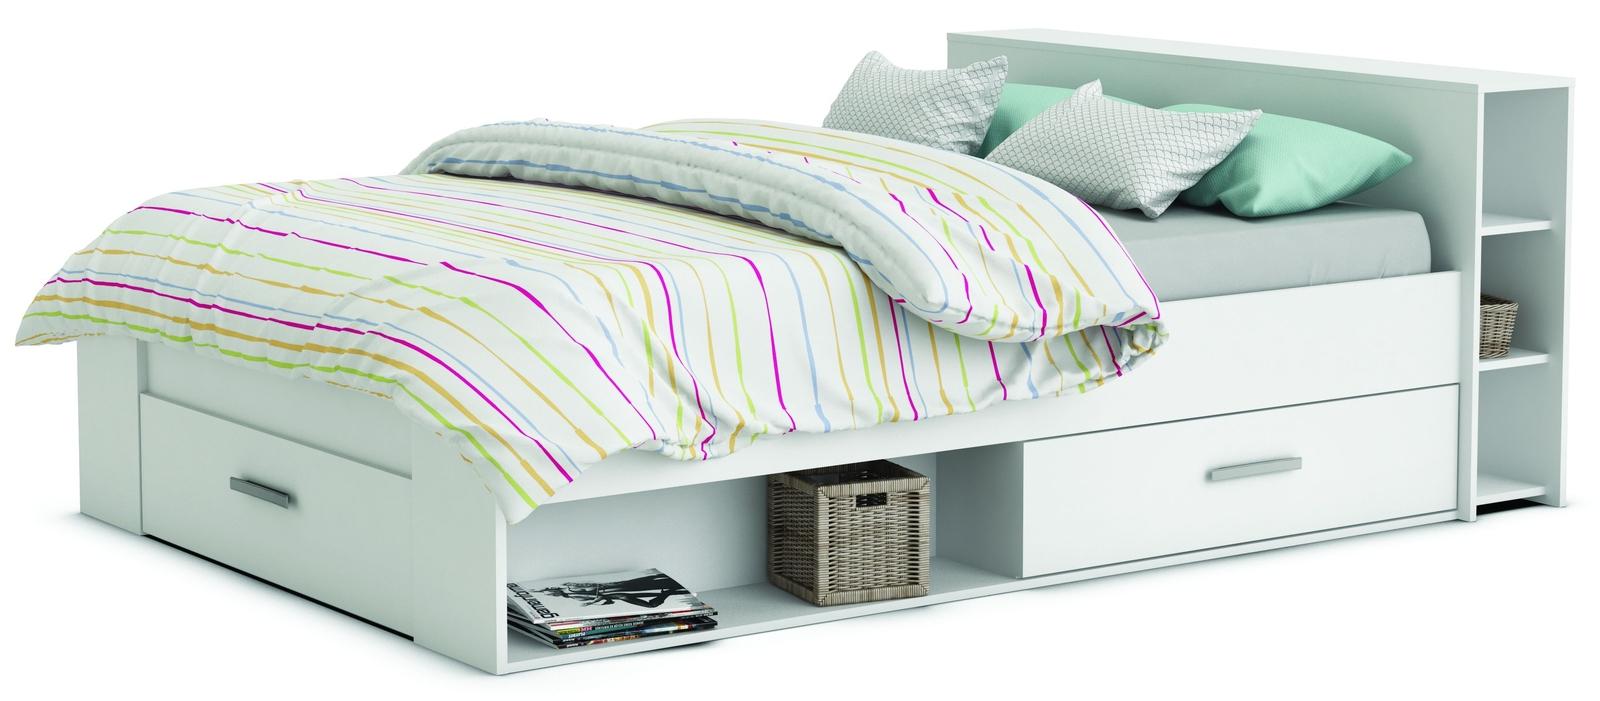 b733a365dea07 Manželská posteľ 140 cm - Tempo Kondela - Roket biela